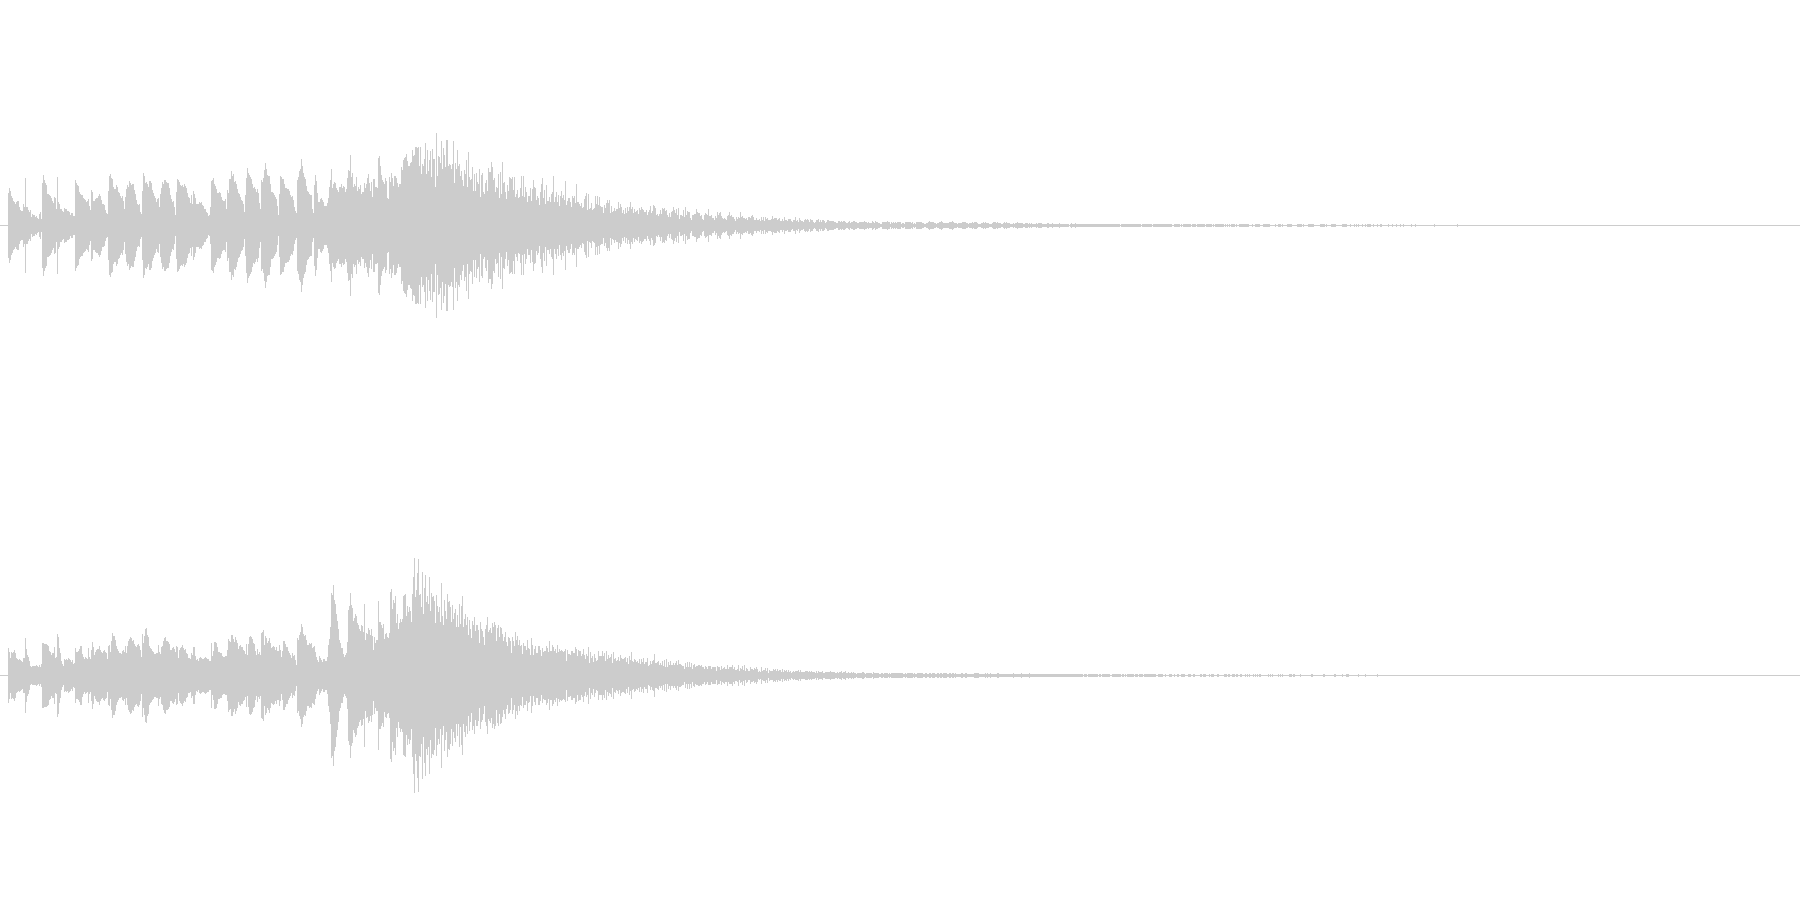 琴、陰旋法、トレモロ下降スケールジングルの未再生の波形